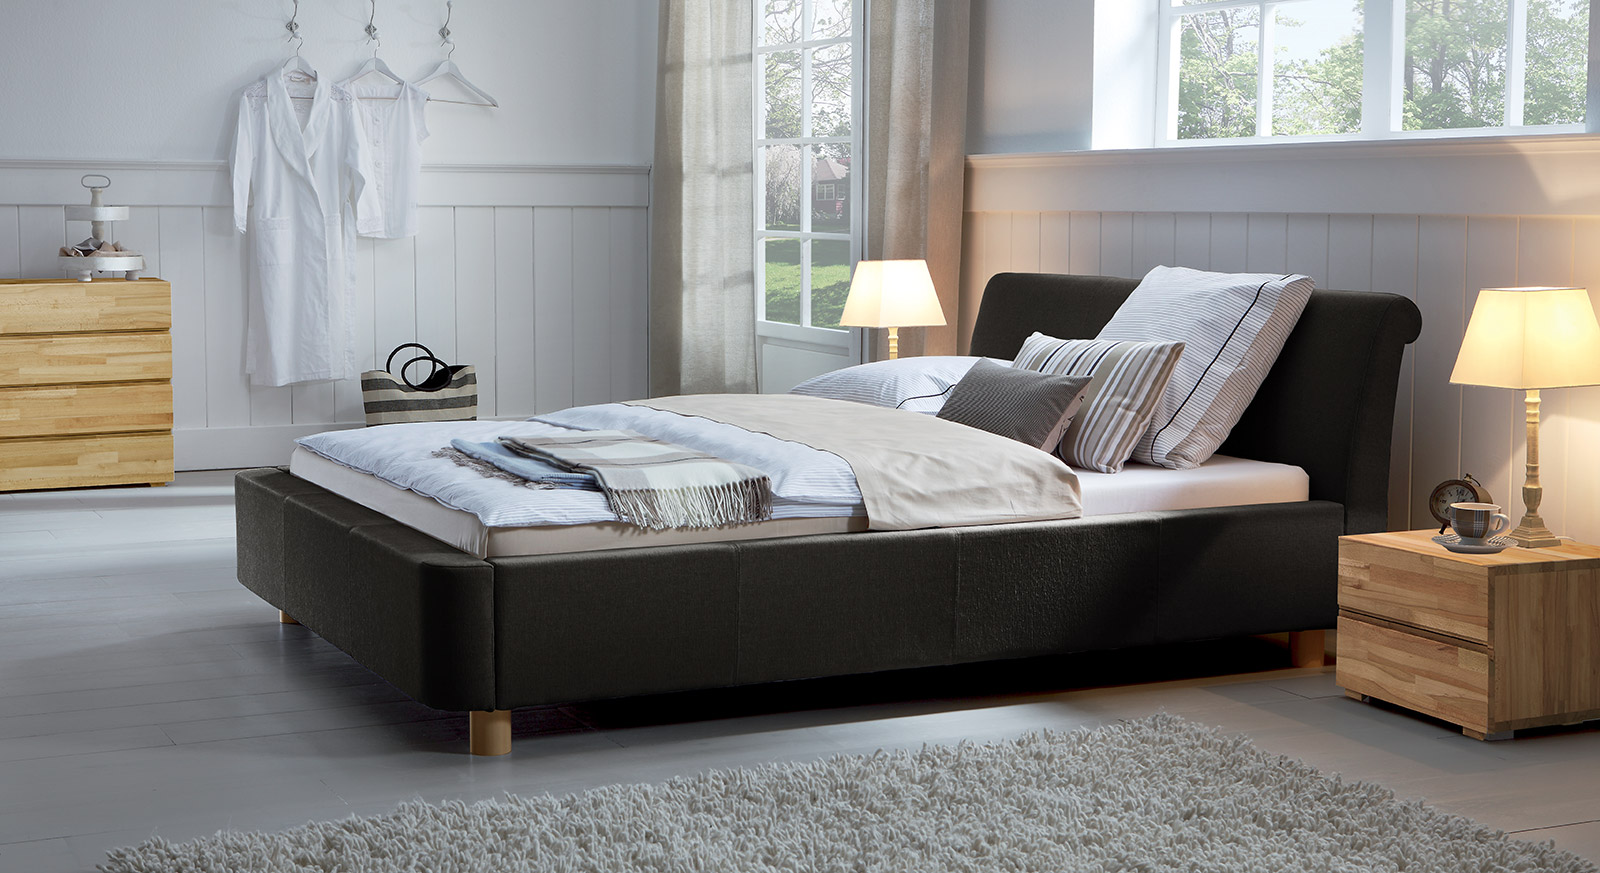 Full Size of Bettgestell 200x220 Betten Bett Wohnzimmer Polsterbett 200x220